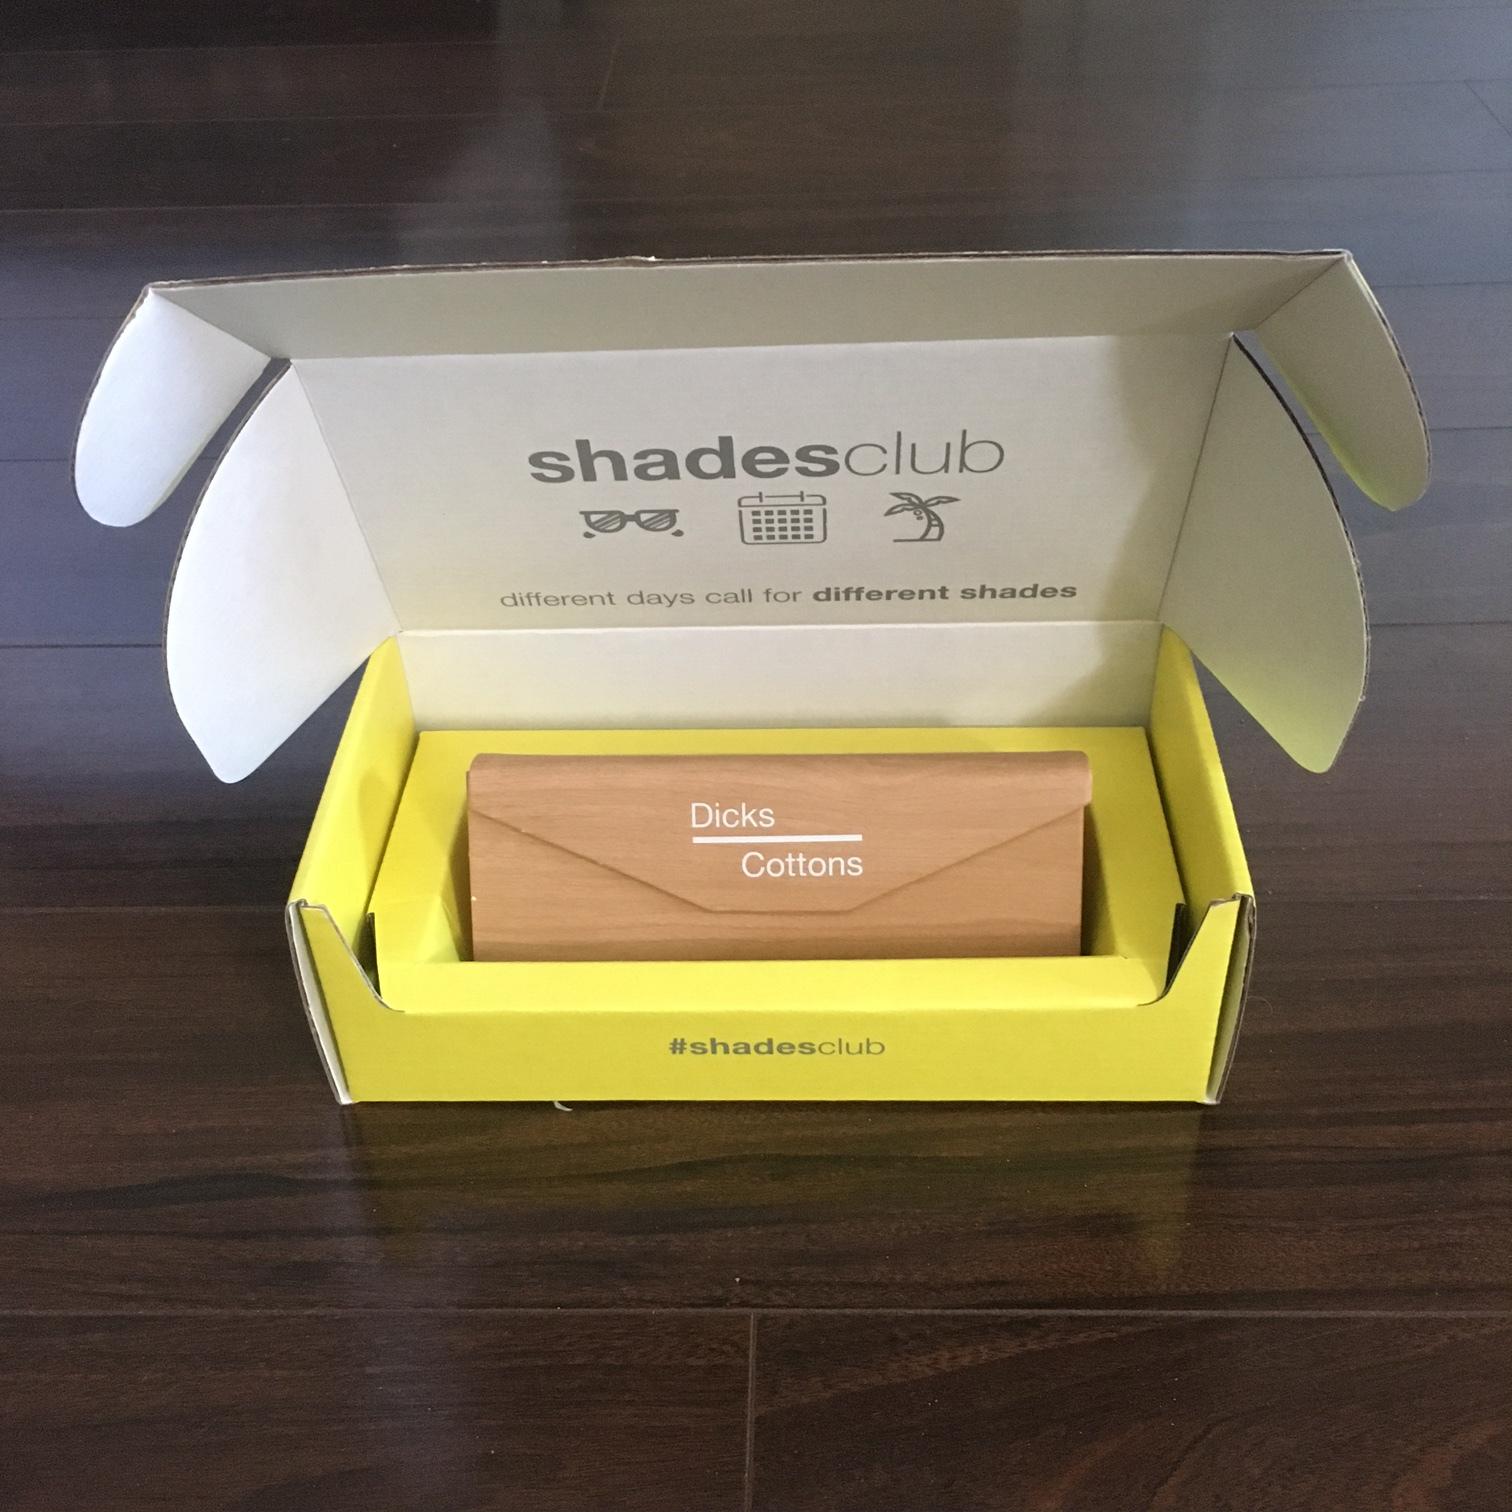 Shades Club